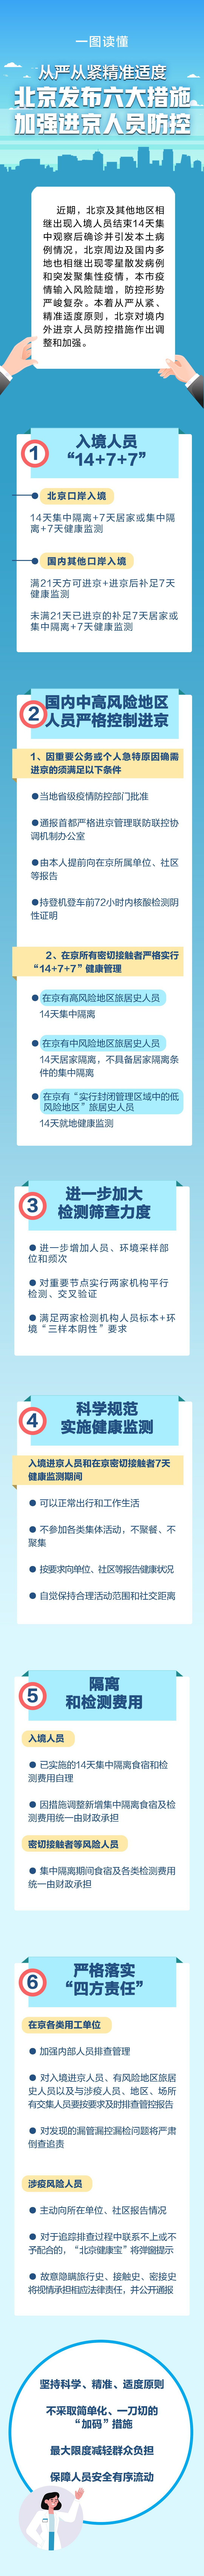 北京发布六大措施加强进京人员防控,一图读懂